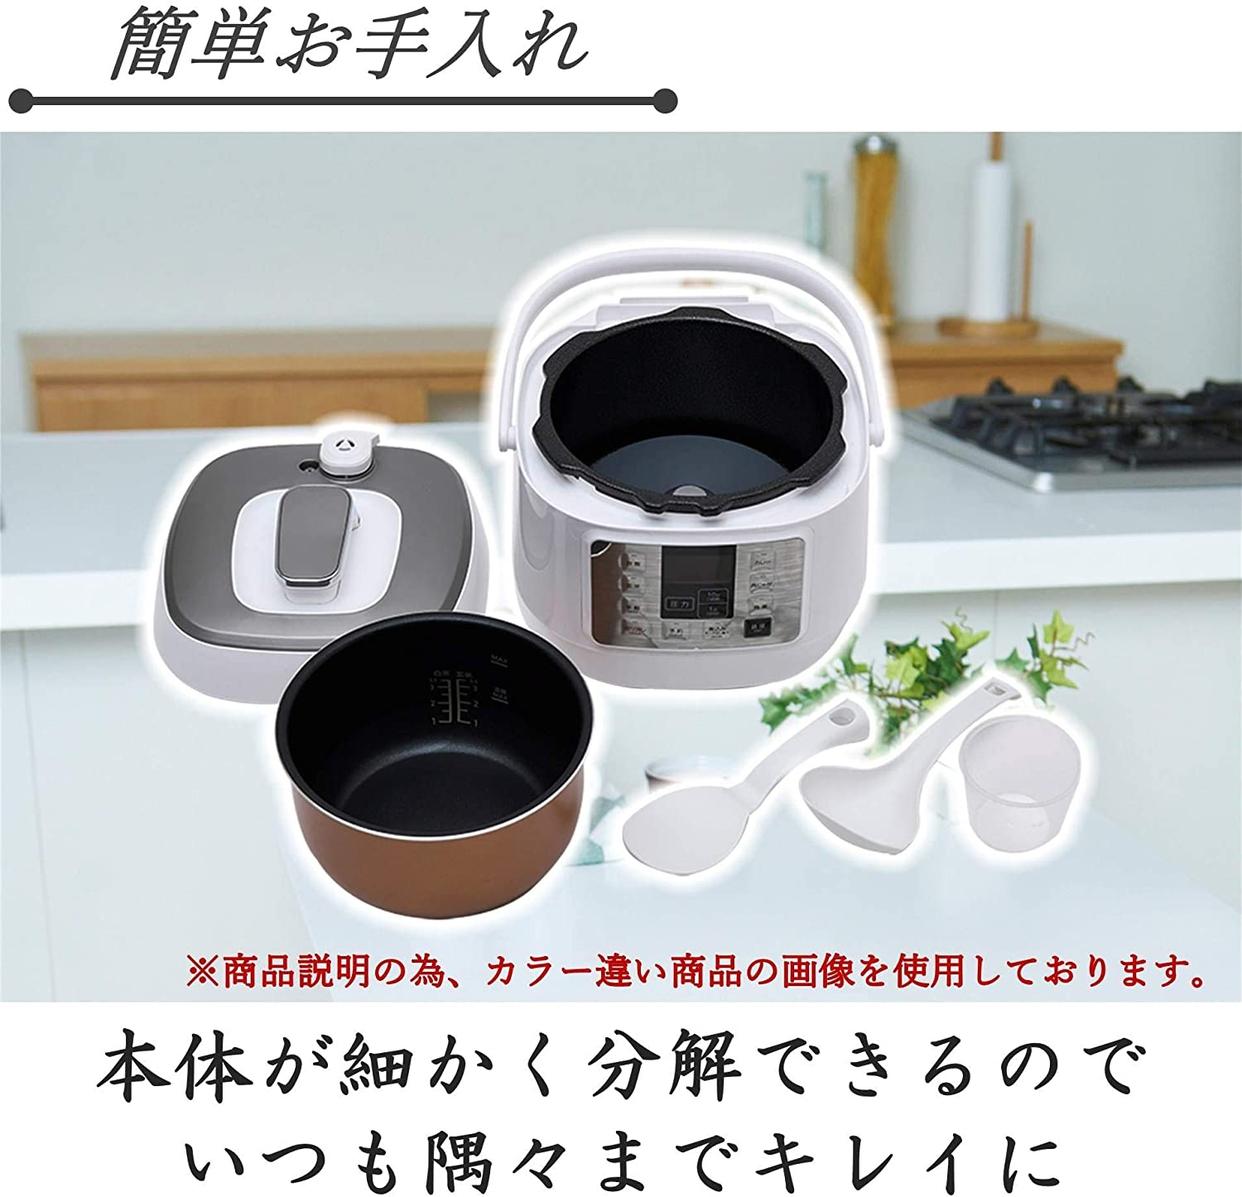 山善(YAMAZEN) 電気圧力鍋 EPCA-250Mの商品画像6